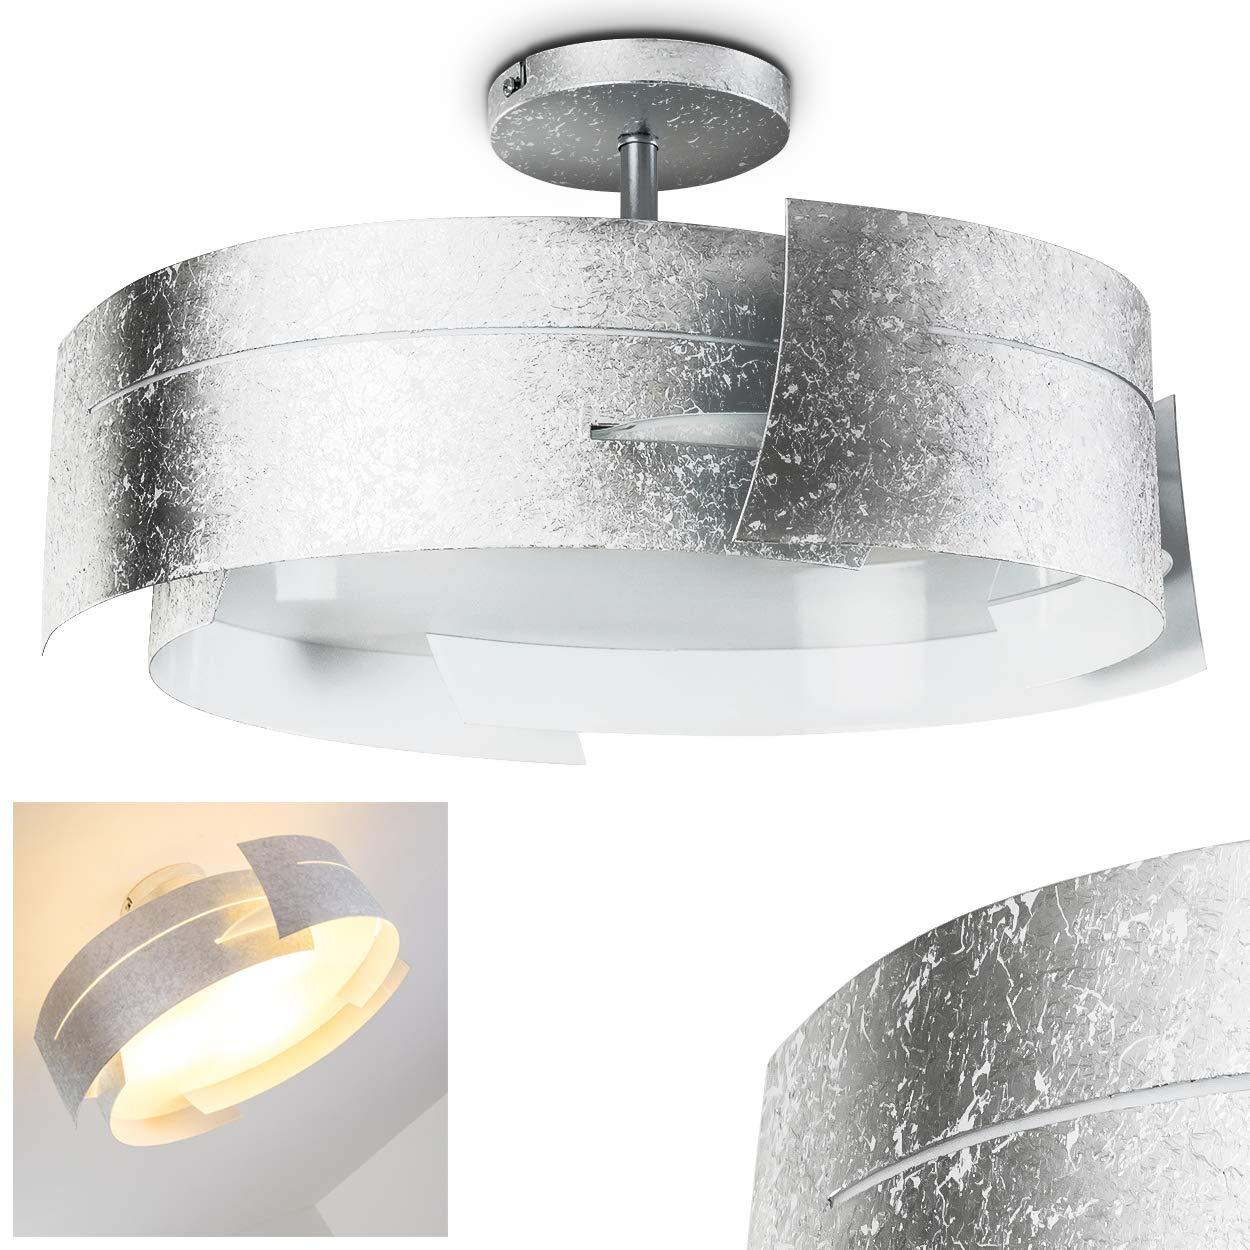 Novara Deckenleuchte in Silber - Deckenlampe modern im Wellen-Design - 3 x E27 - Designer-Leuchte für das Esszimmer - Küchen Lampe - Metall-Deckenlampe mit Lampenschirm aus Glas - LED-geeignet